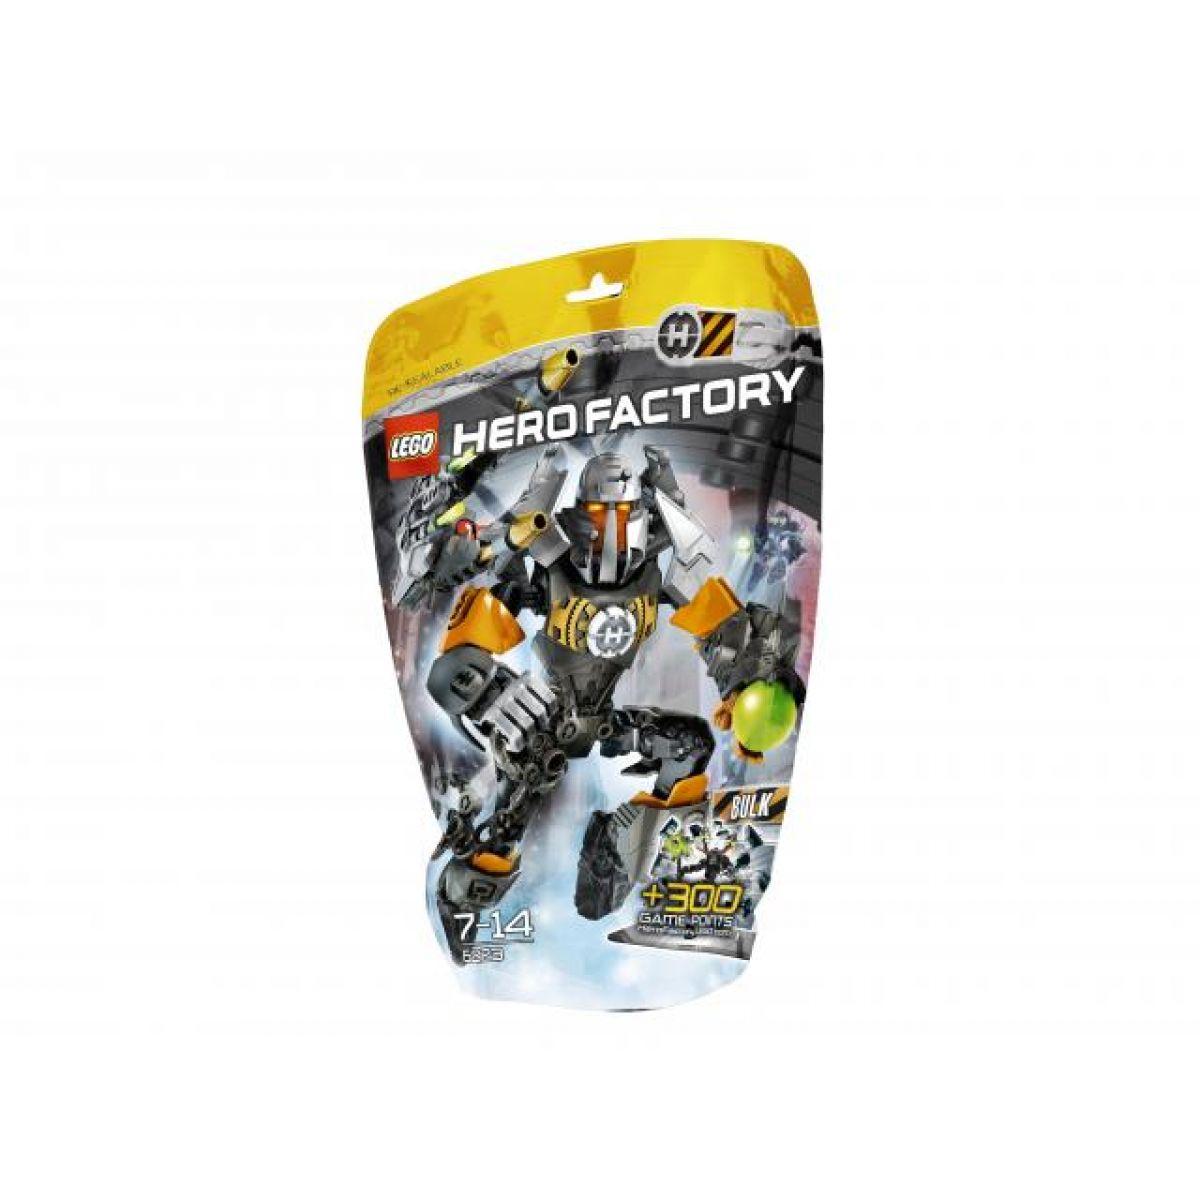 LEGO 6223 Hero Factory Bulk